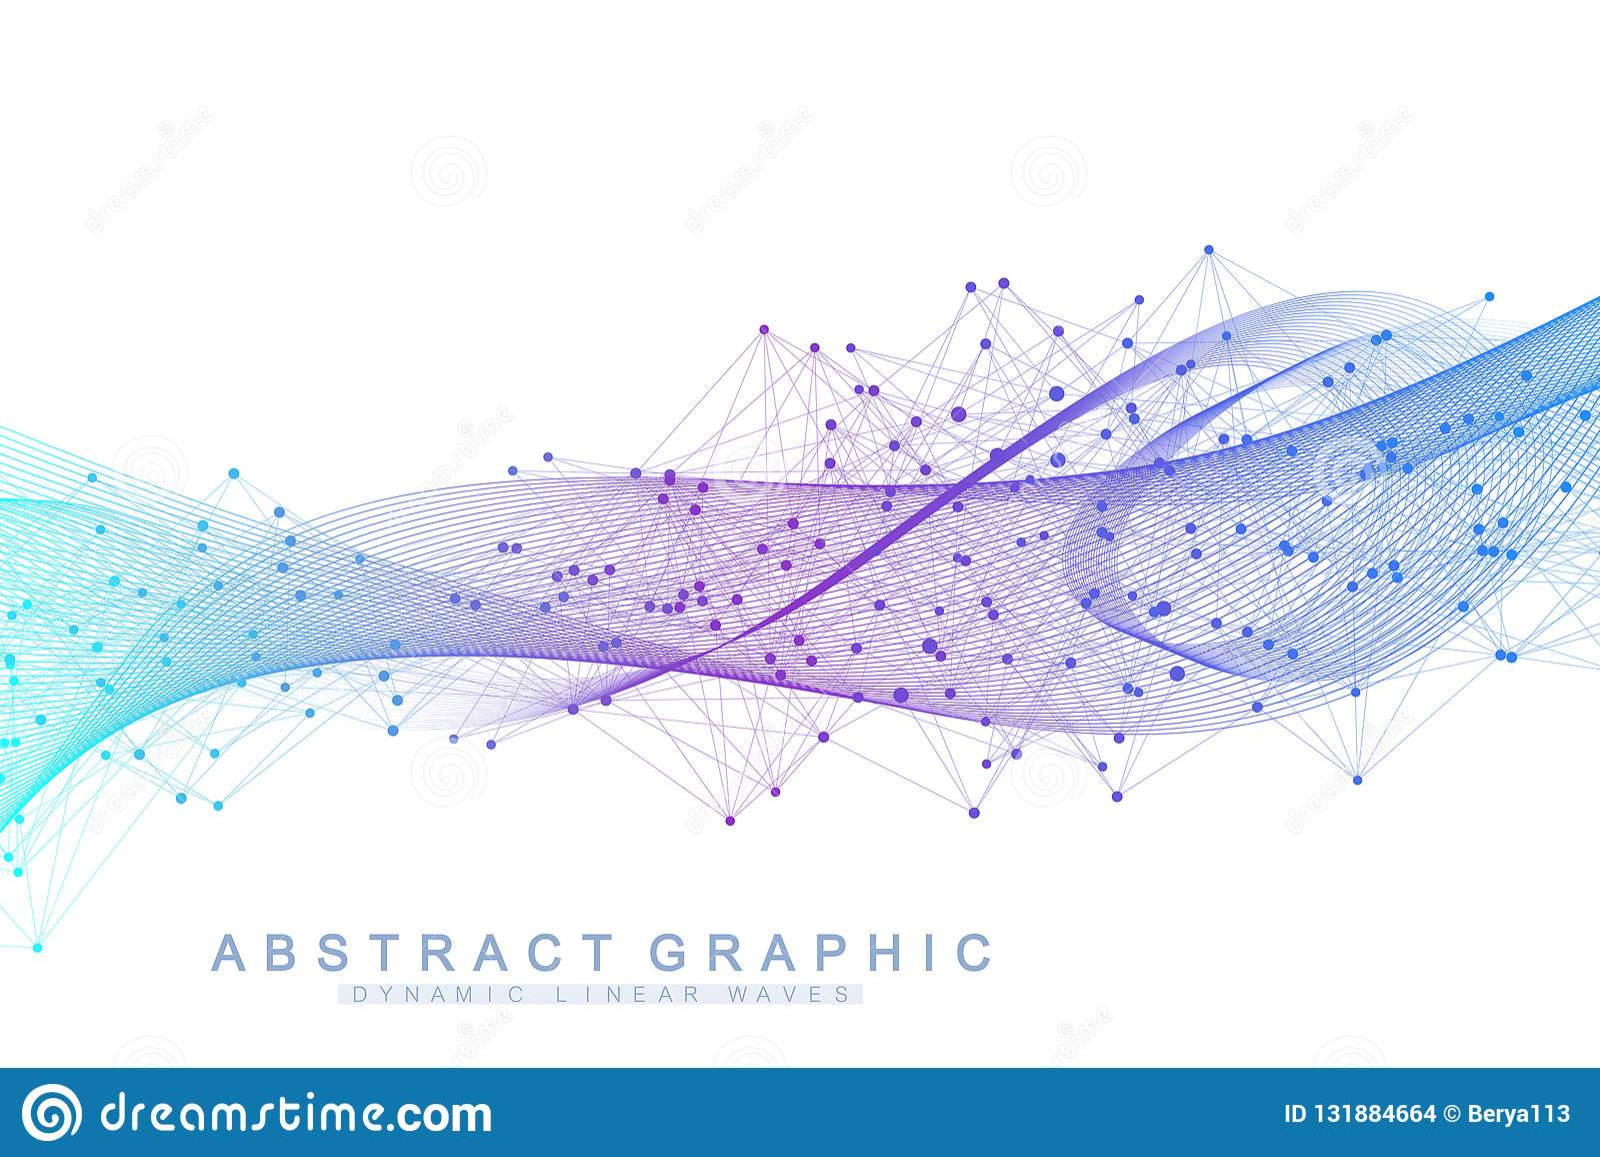 Διανυσματικό αφηρημένο υπόβαθρο με χρωματισμένα δυναμικά κύματα, γραμμή και μόρια Ροή κυμάτων Ψηφιακή διαδρομή συχνότητας